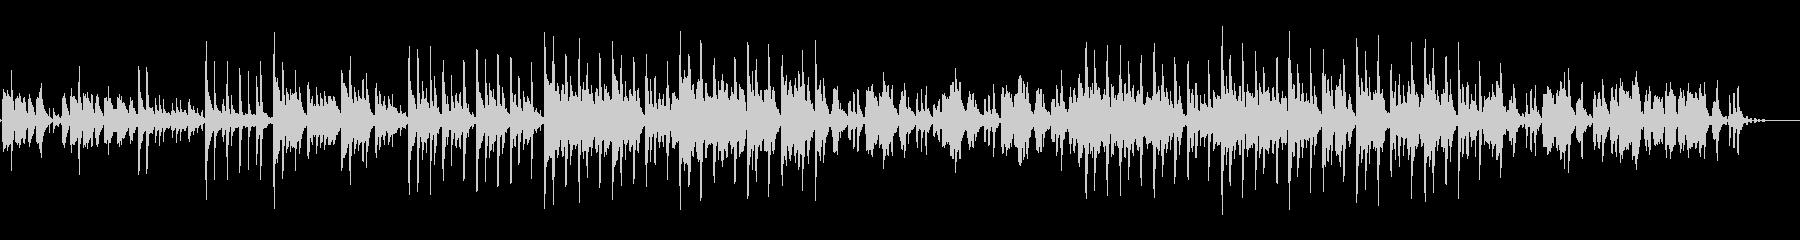 独特なリズムで音色が綺麗なメロディーの未再生の波形